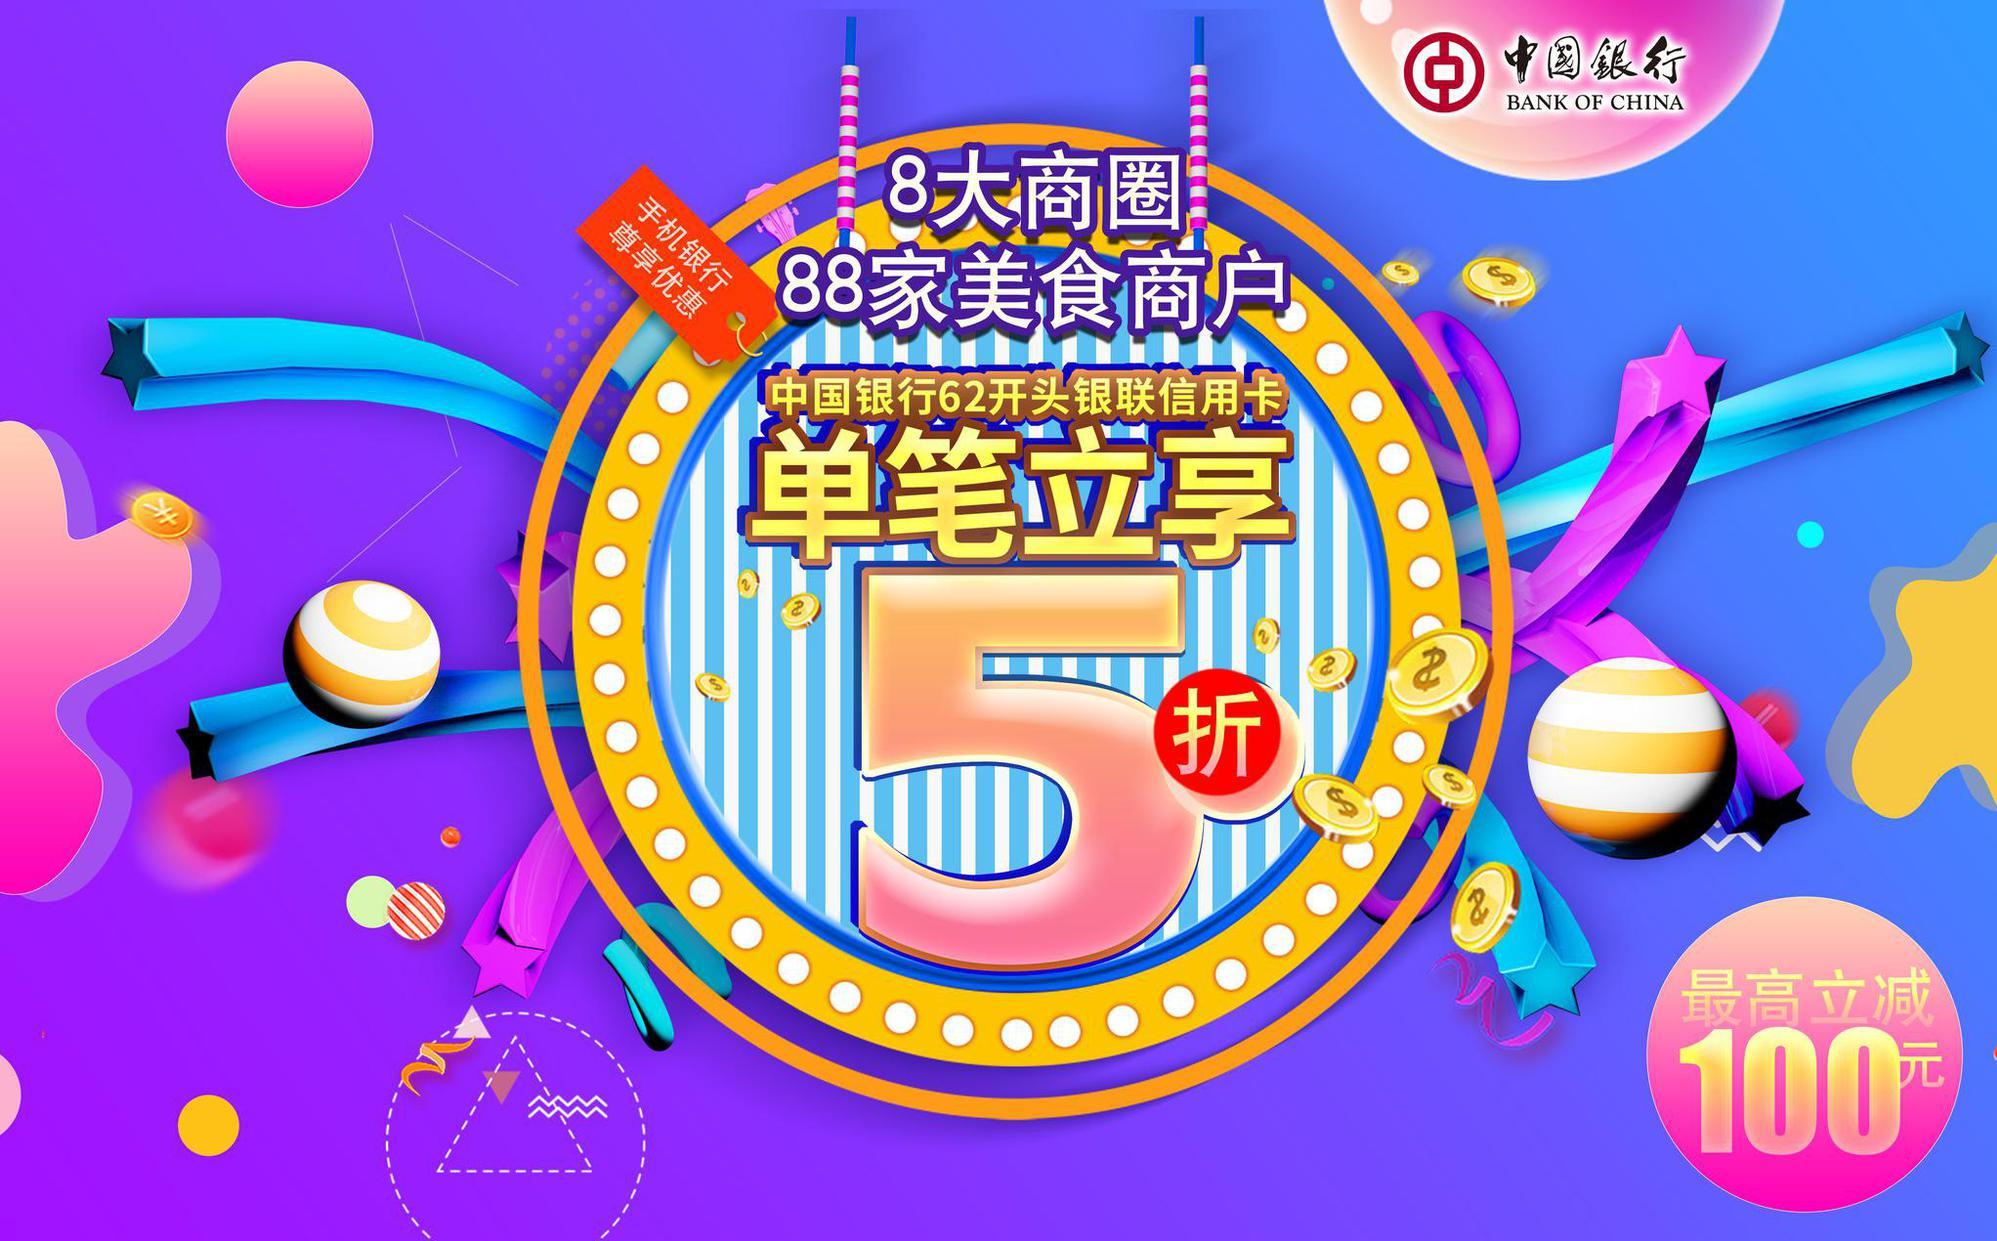 惠聚中行日|美食5折优惠,网上pk拾官网最高立减100元